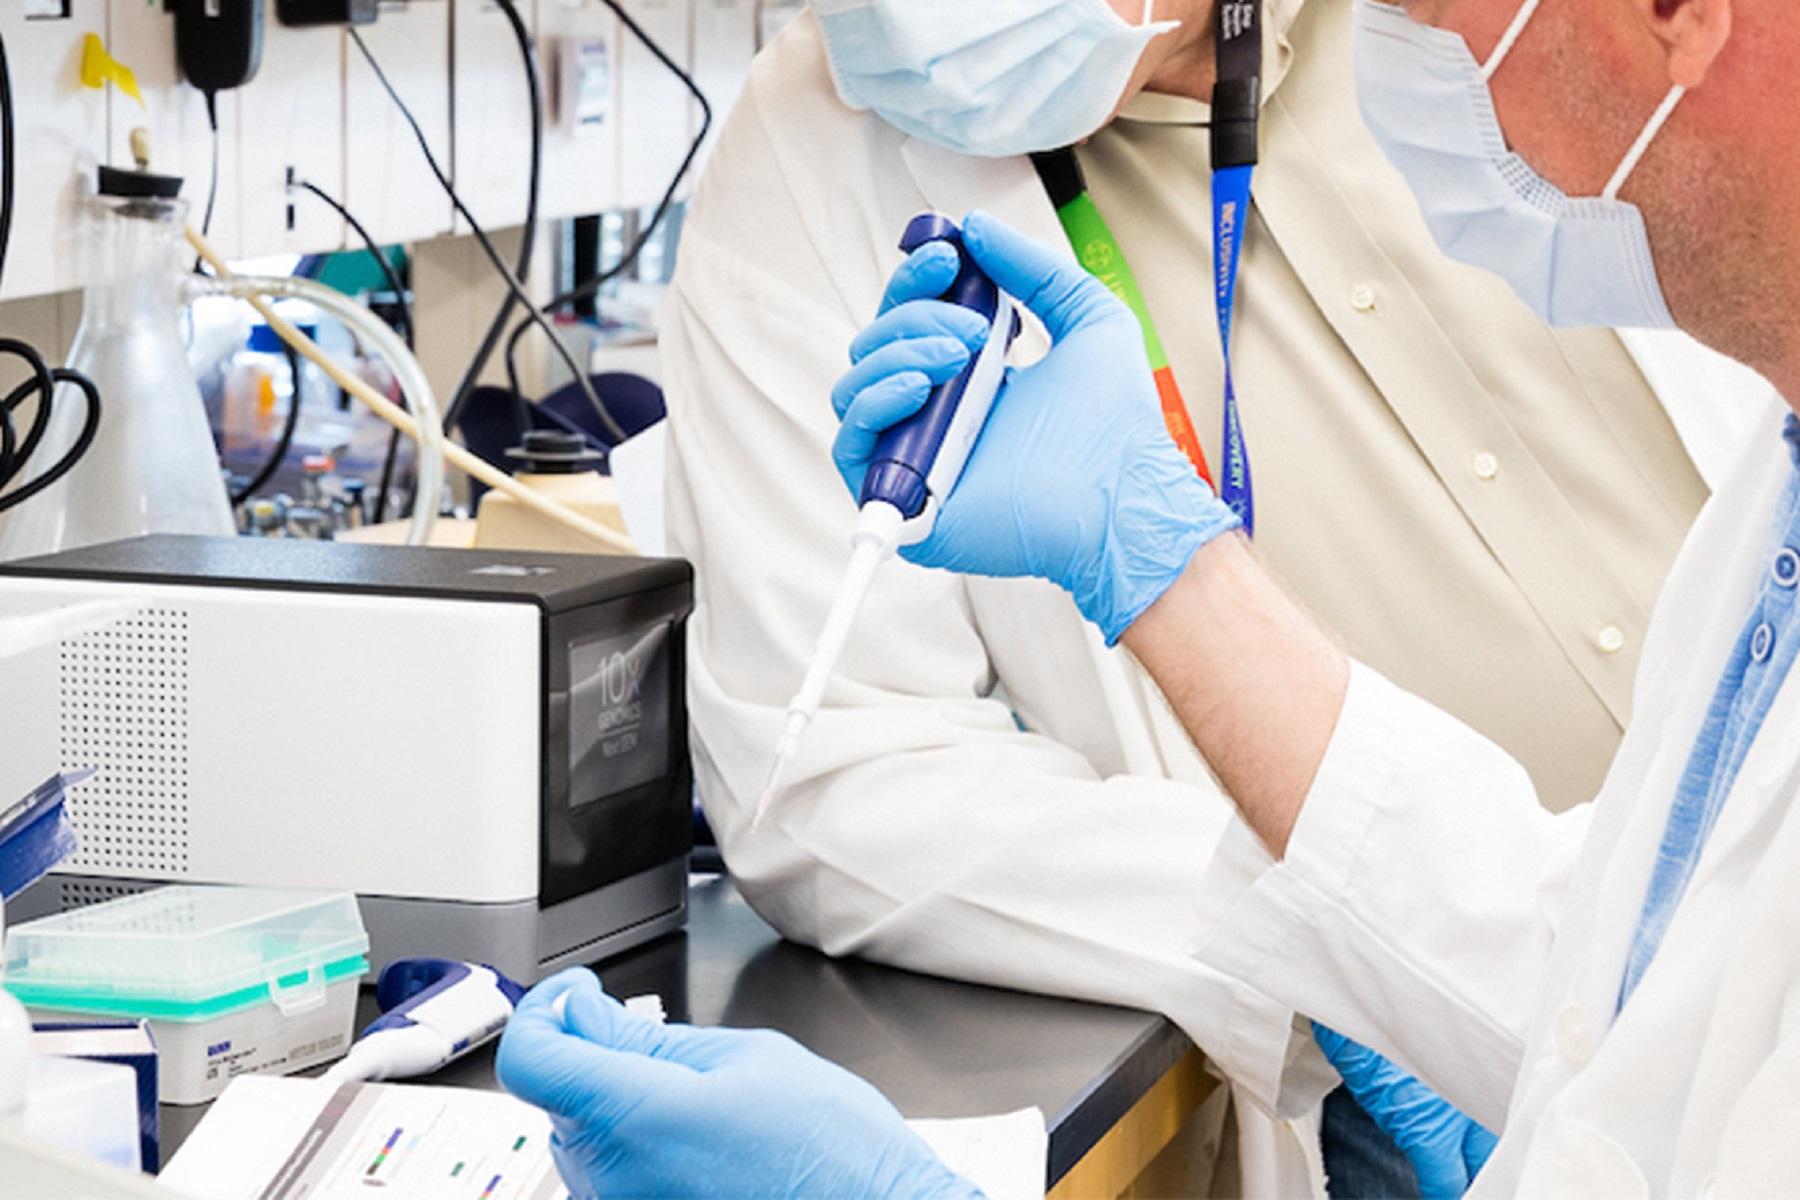 Πλατφόρμα Ρομποτικής: Eπανάσταση στον τρόπο παρακολούθησης της εξάπλωσης των ιών στα εργαστήρια